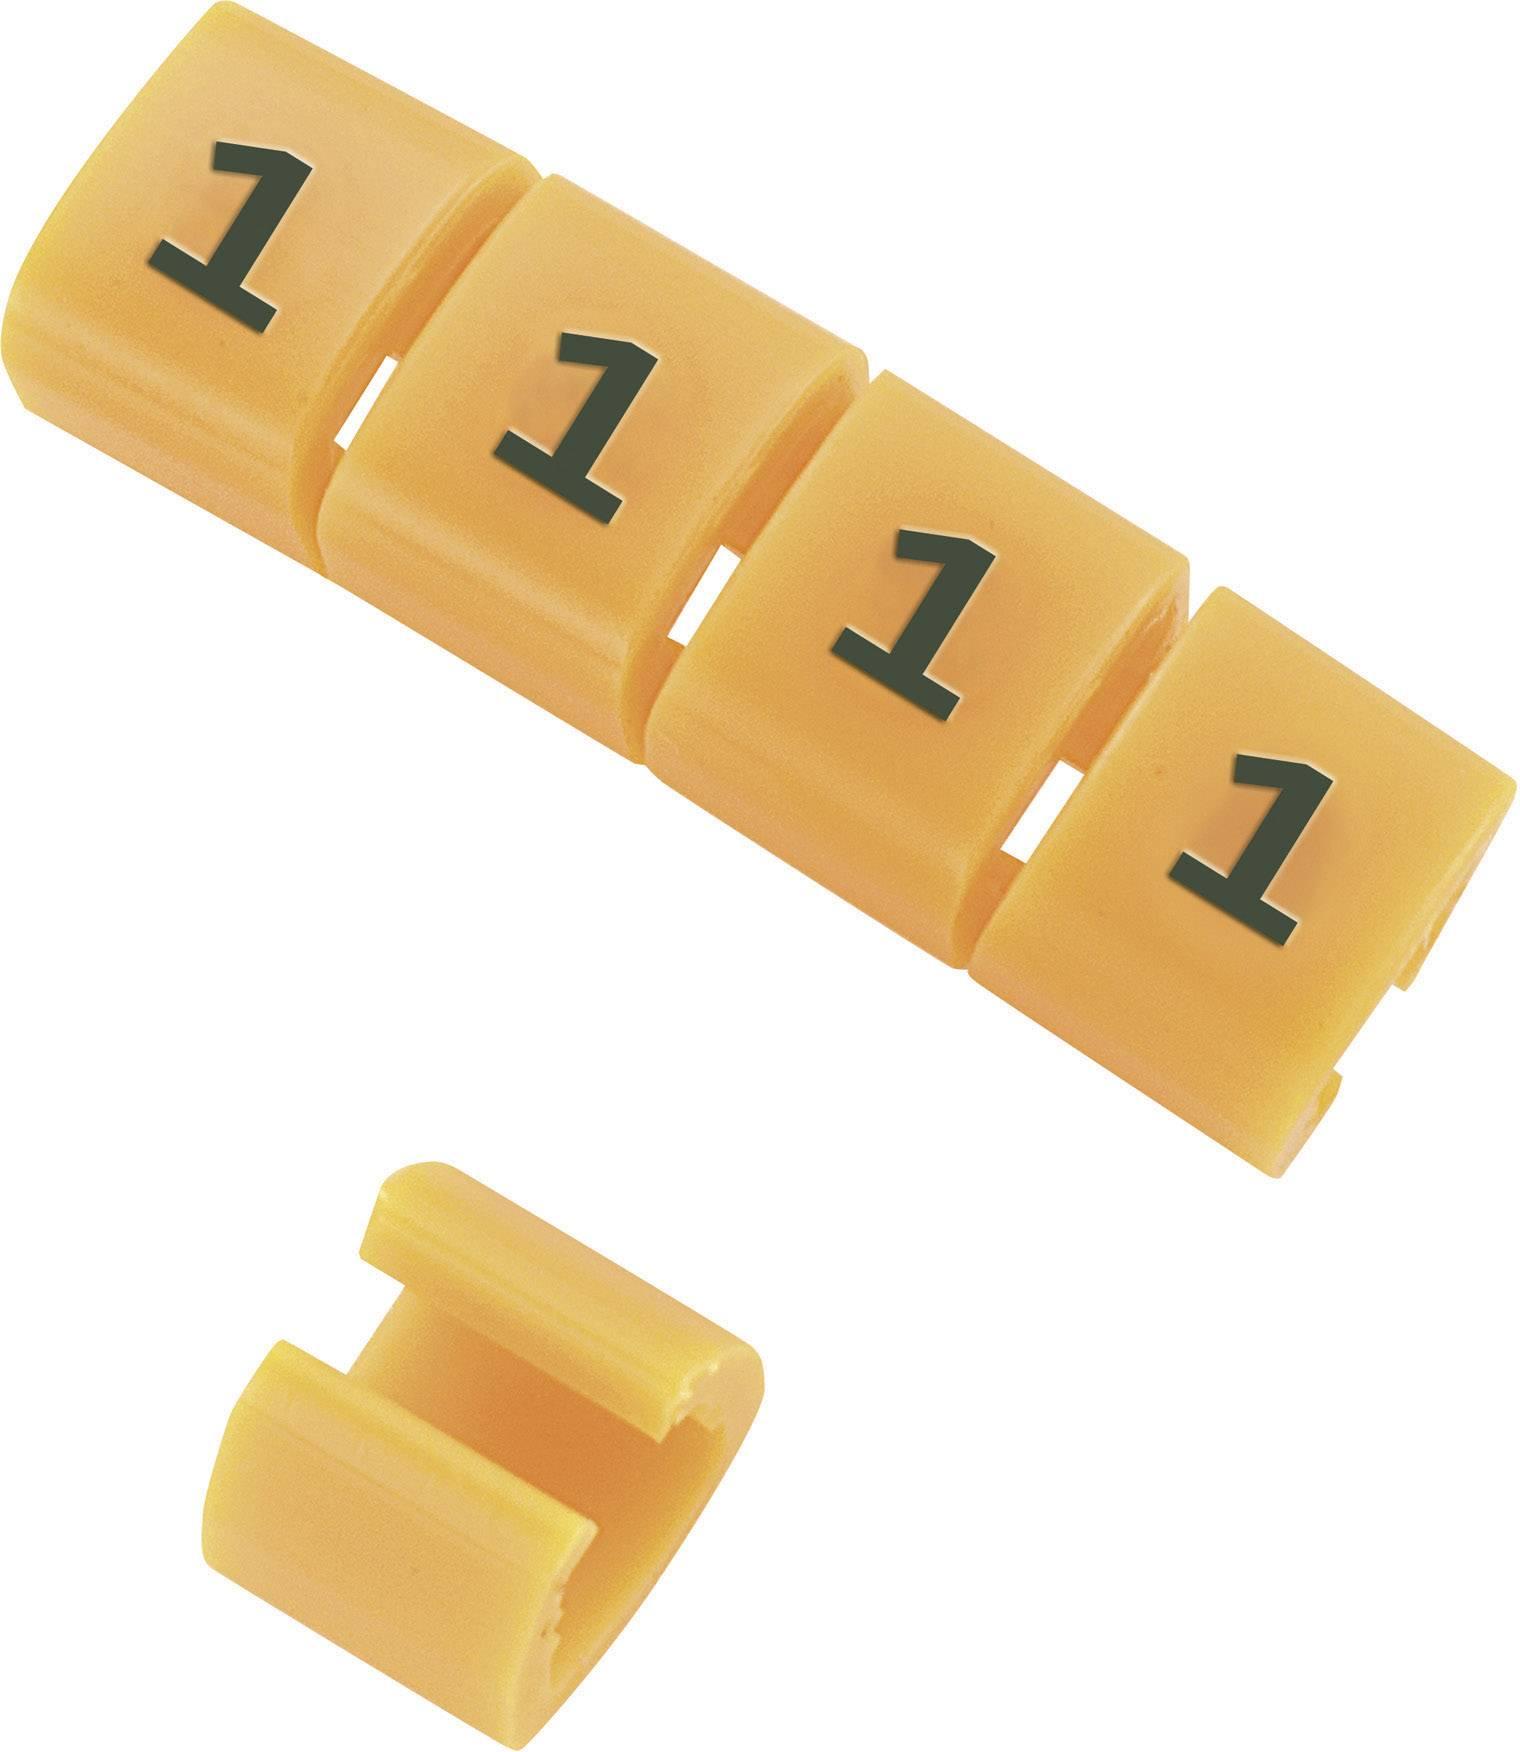 Označovacie objímka na káble KSS MB1/6, oranžová, 10 ks